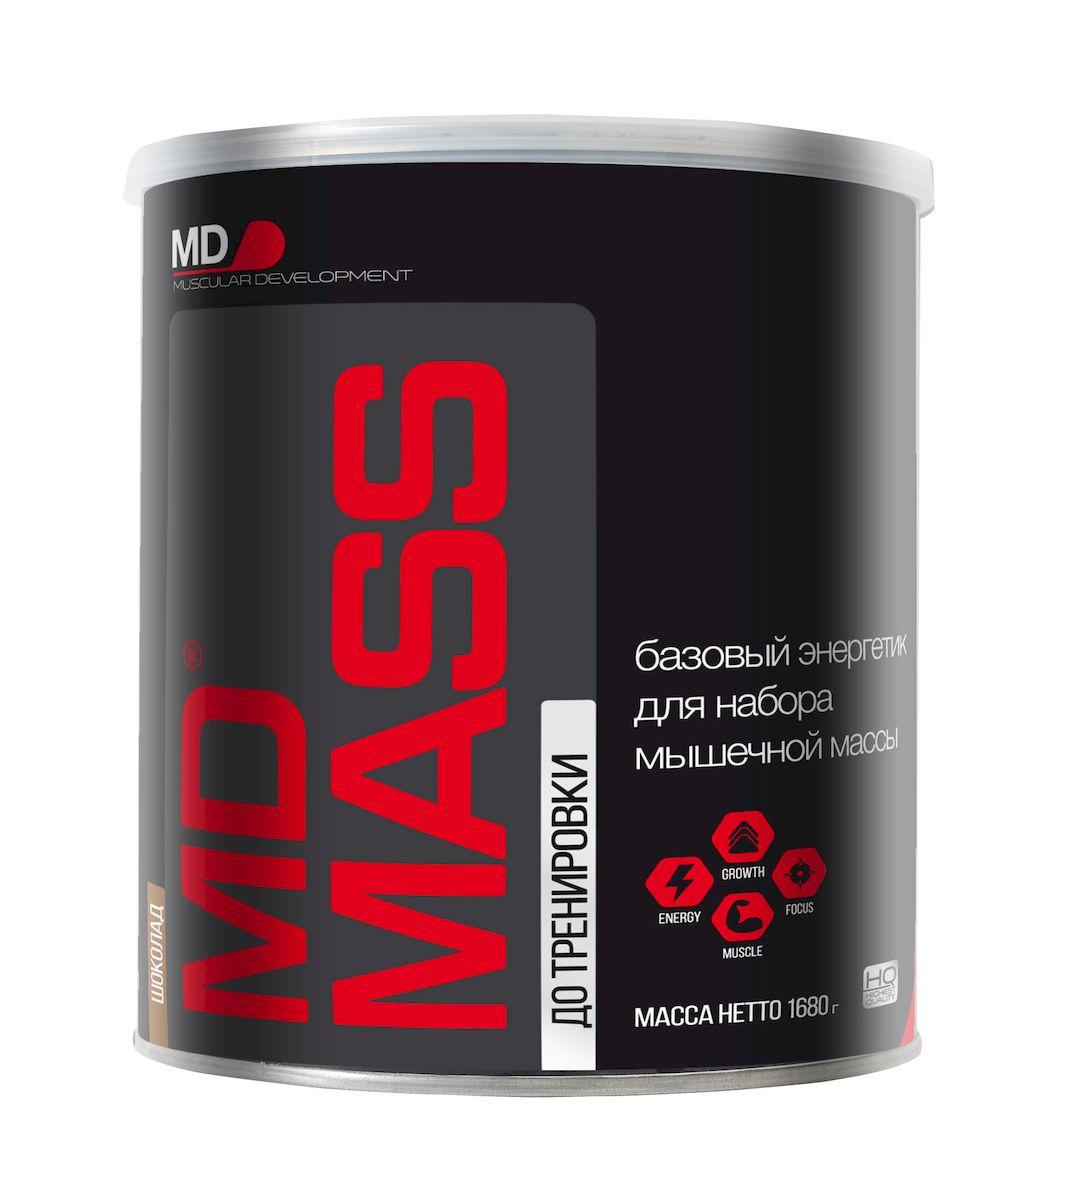 Энергетик MD  Масс , шоколадный, 1,68 кг - Энергетики